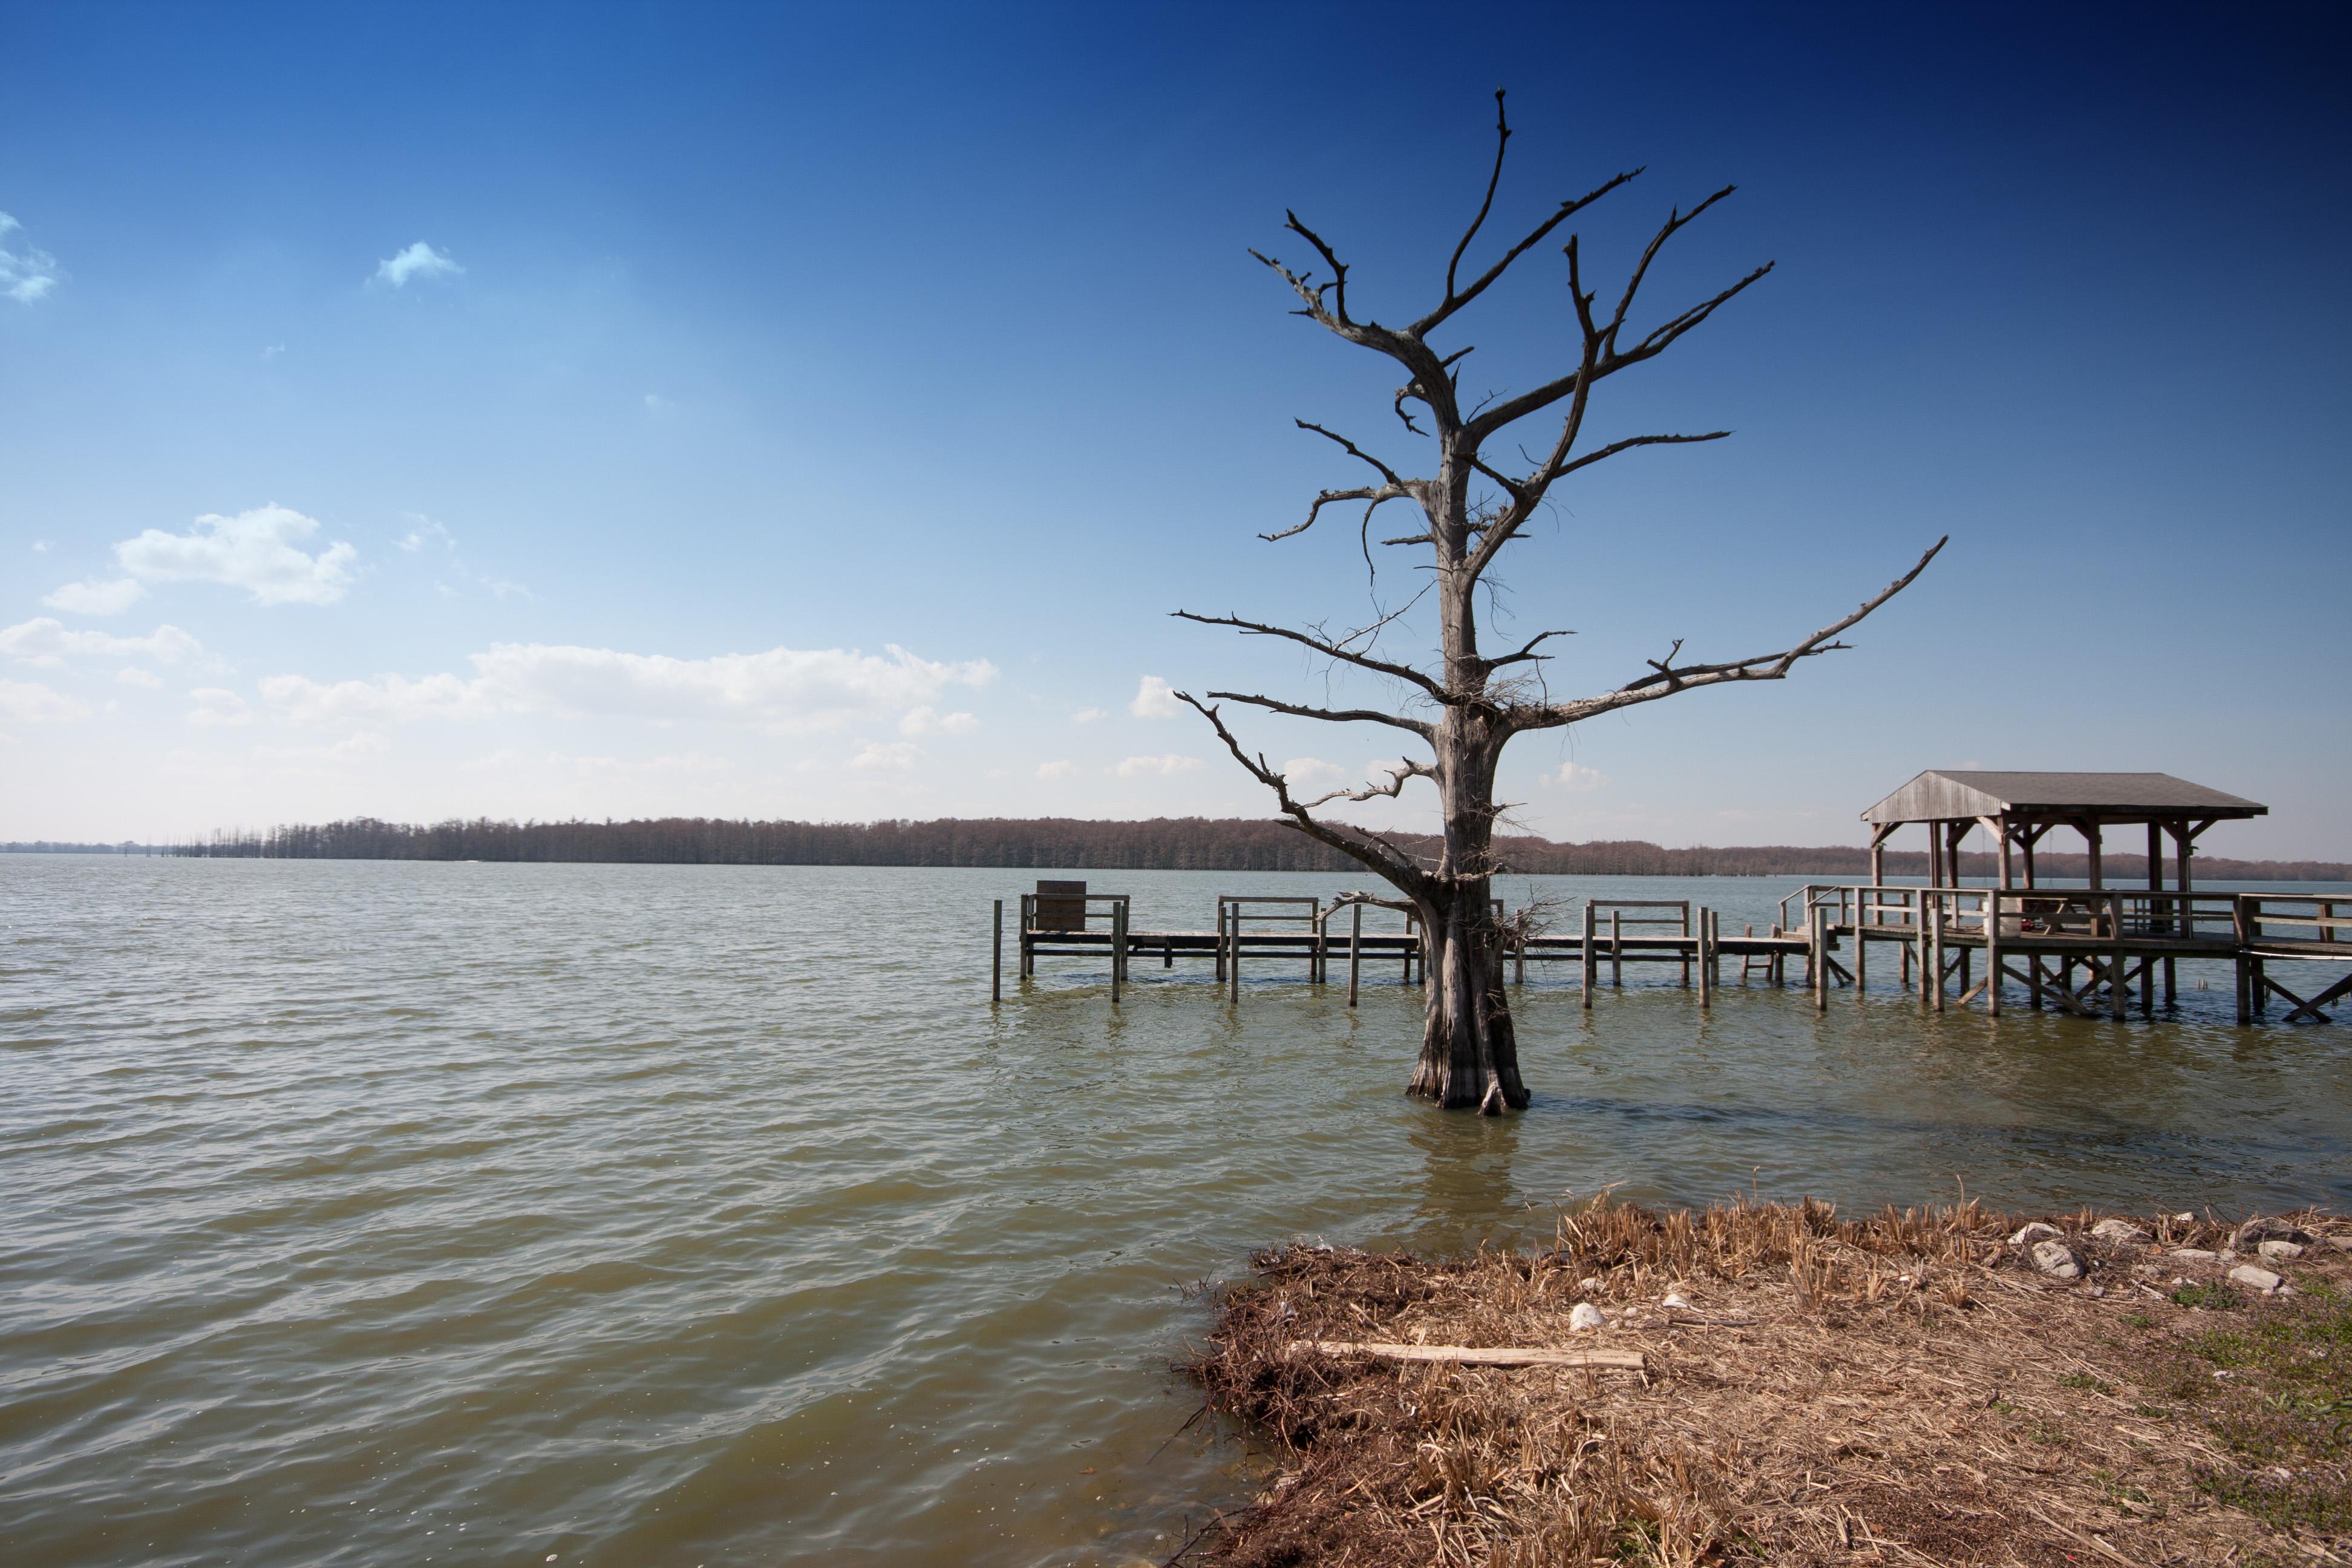 Mississippi washington county hollandale - Lake Washington Ms